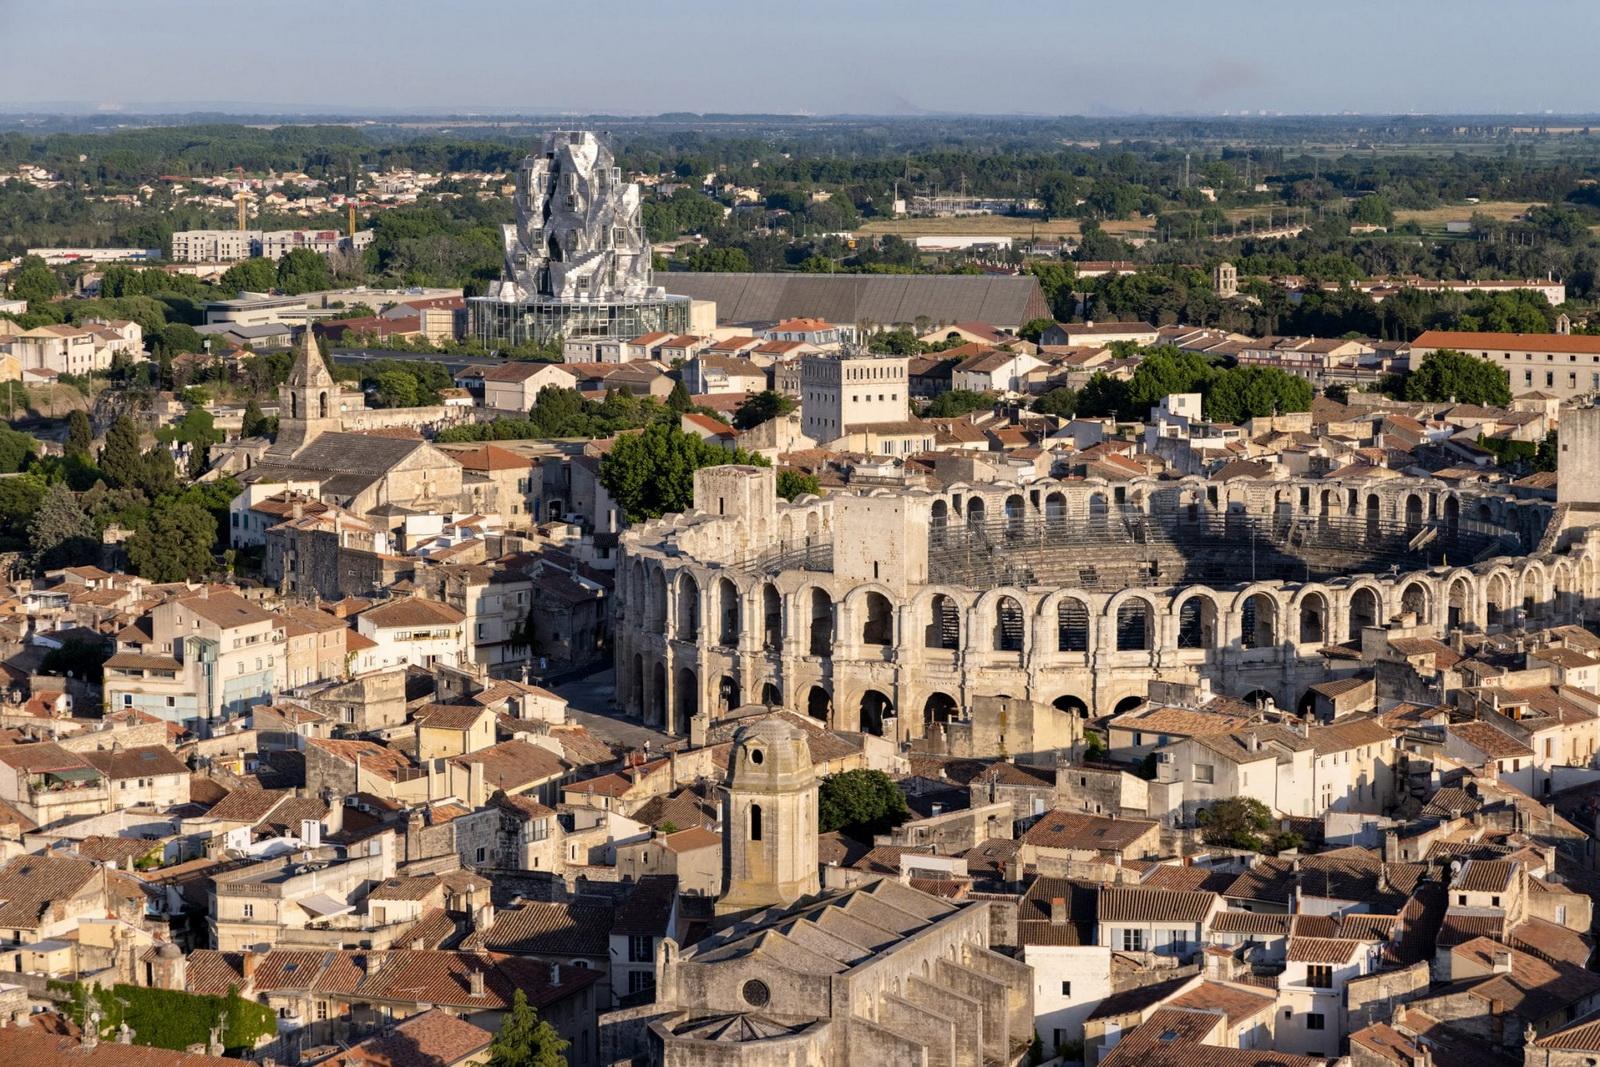 نگاهی به تصاویر Iwan Baan از Luma Arles از فرانک گری